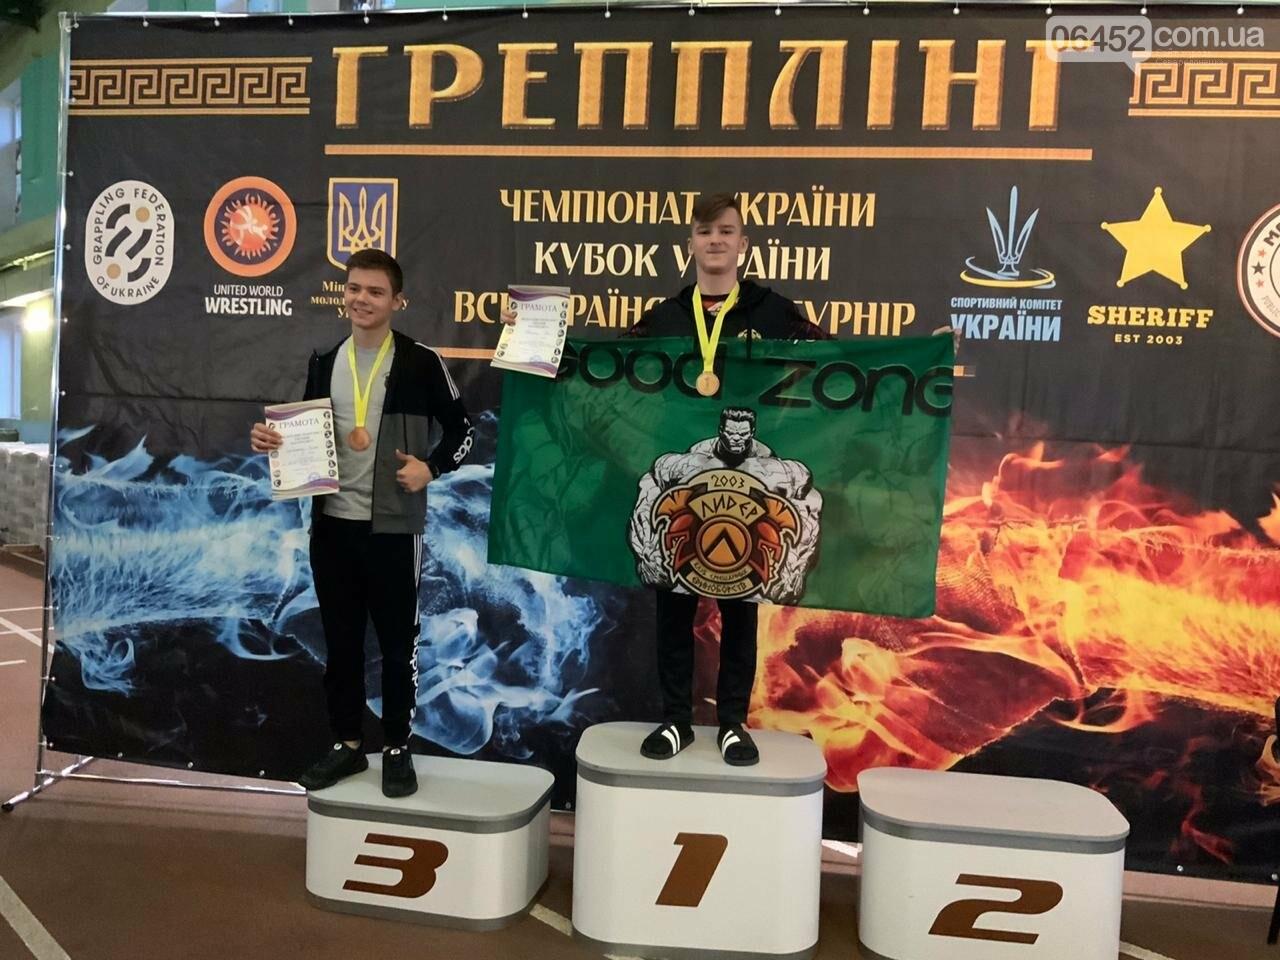 Северодончане завоевали 8 медалей на Чемпионате Украины по грэпплингу и панкратиону, фото-1